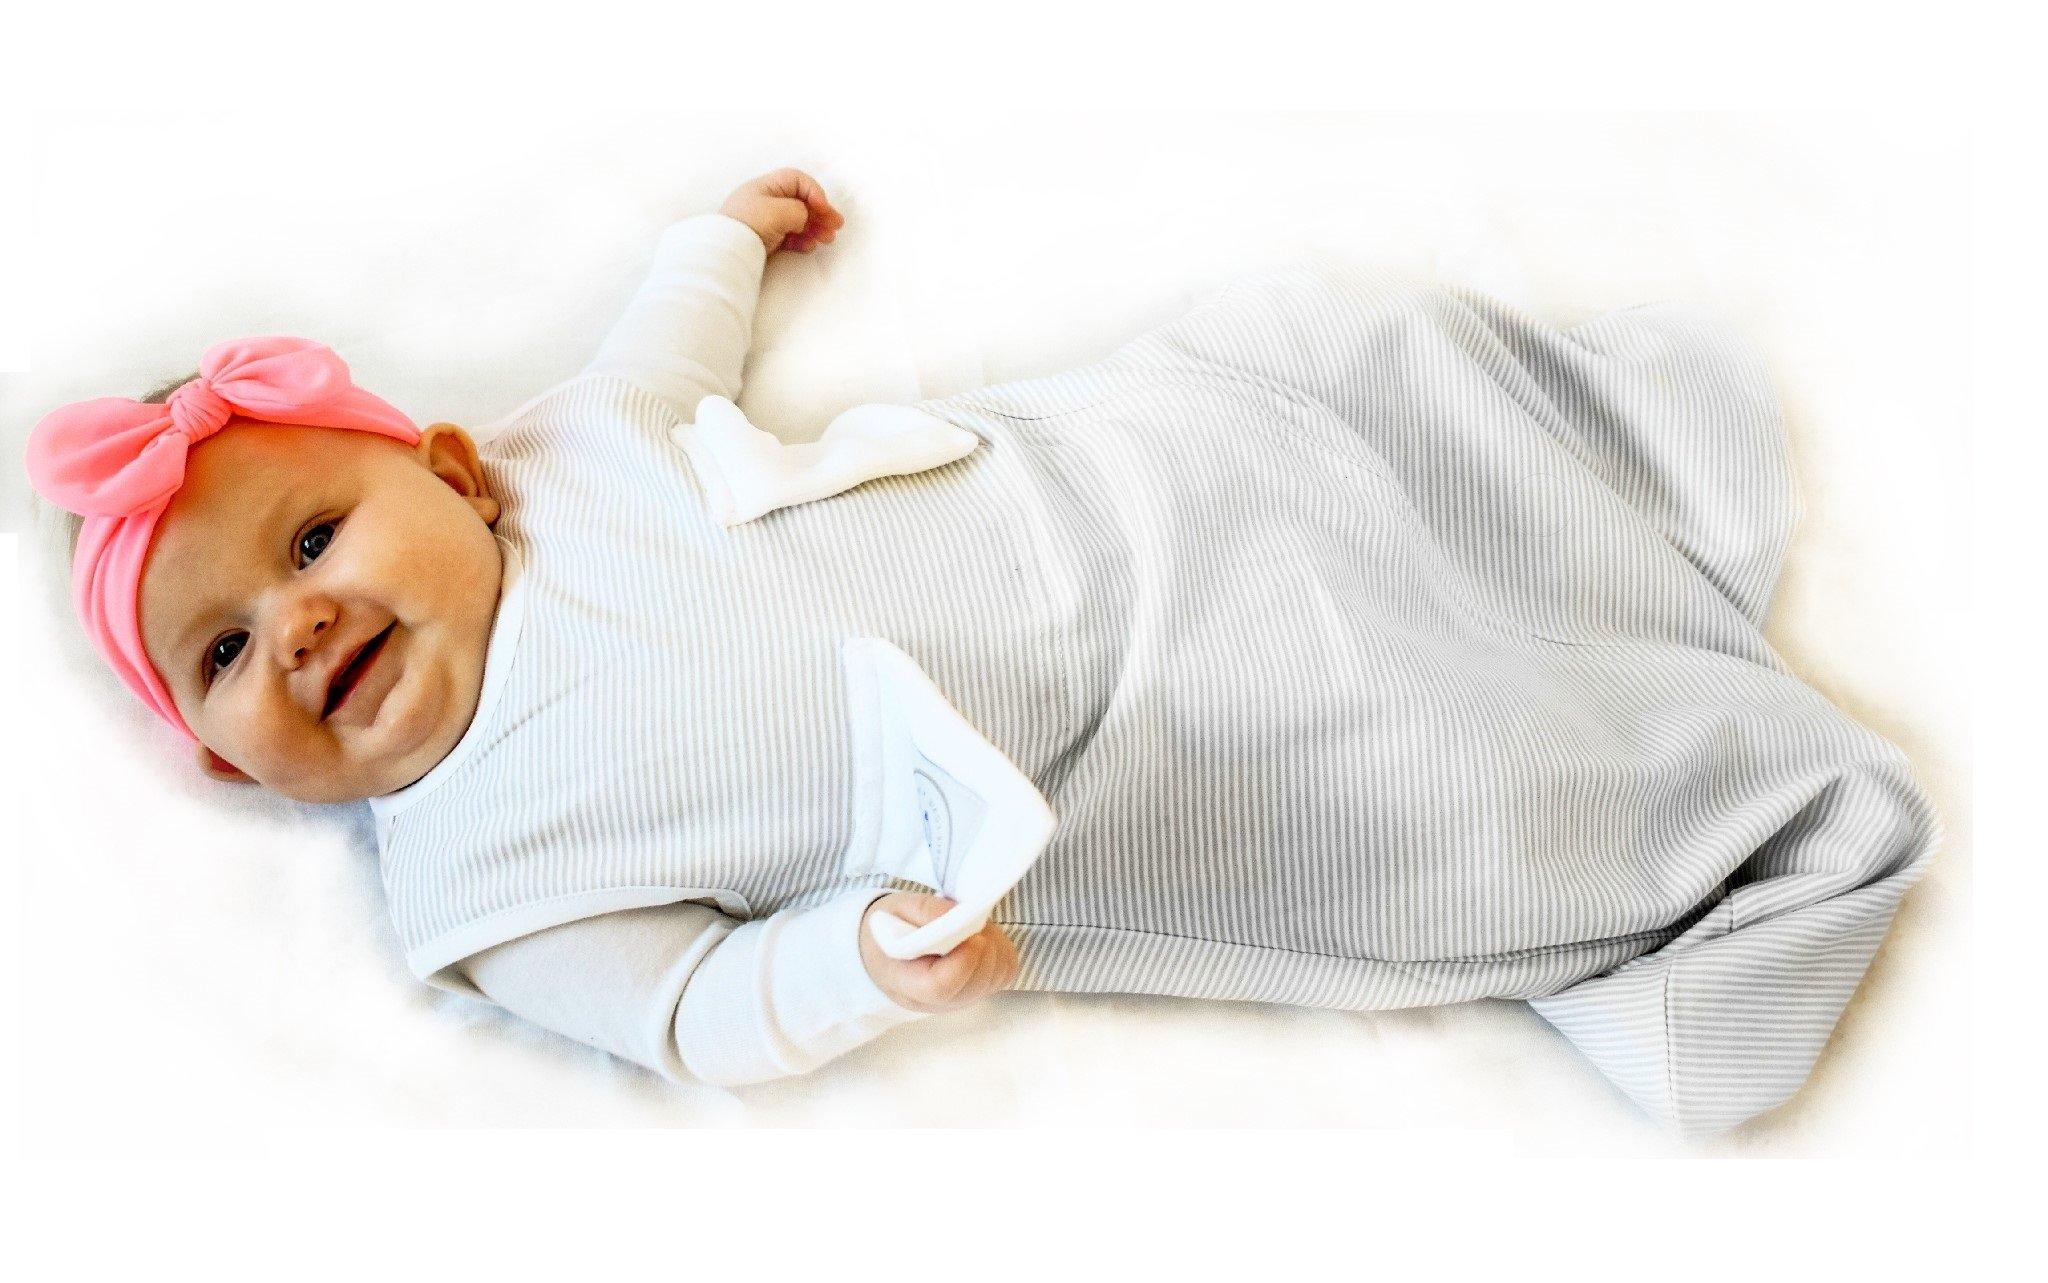 Bitta Kidda Baby Soother Sleeping Bag Wearable Blanket + Lovey, Grey Stripes 3M